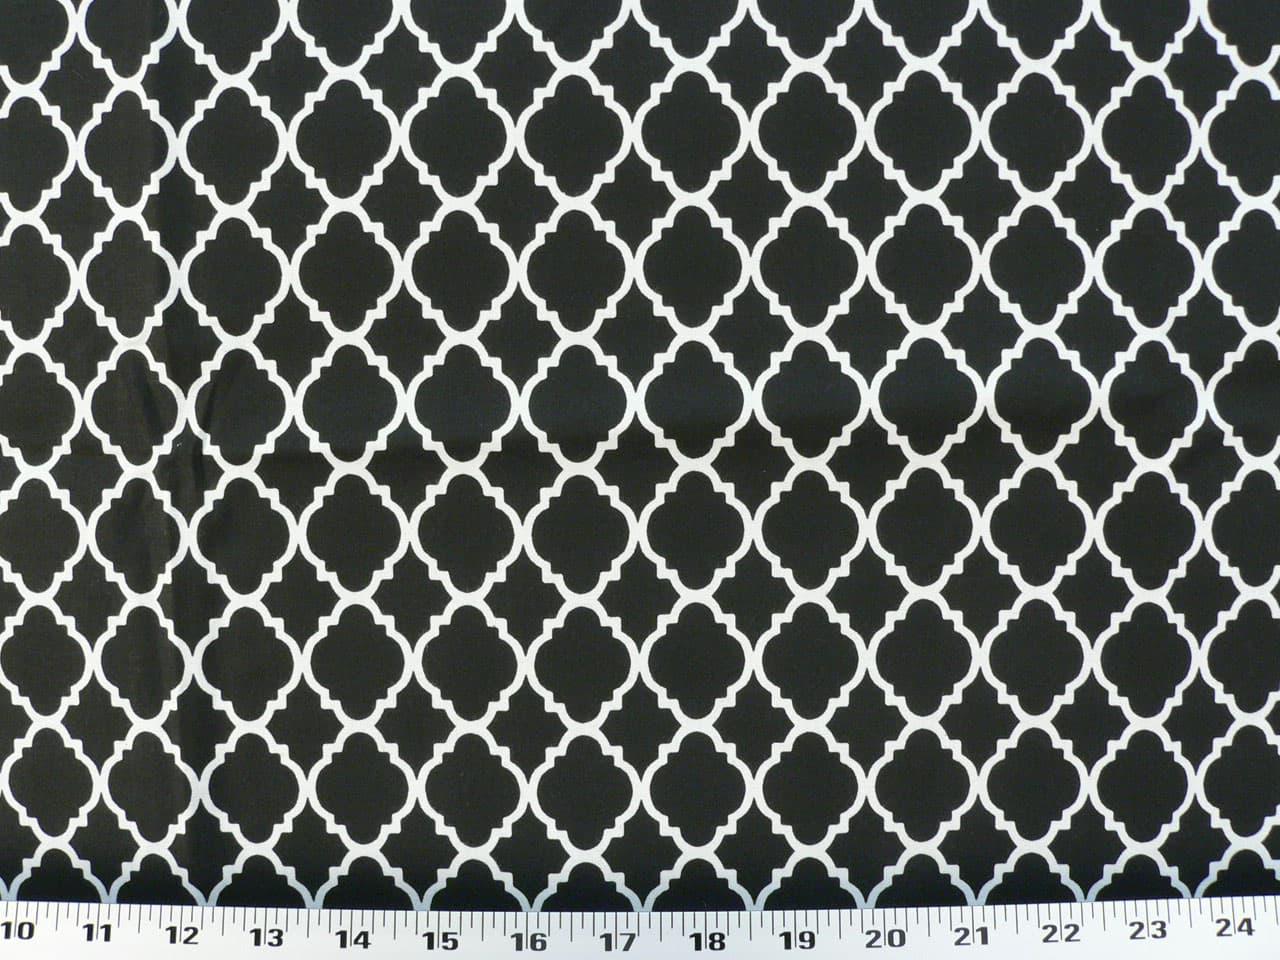 Quatrefoil Black White Fabric Best Fabric Store